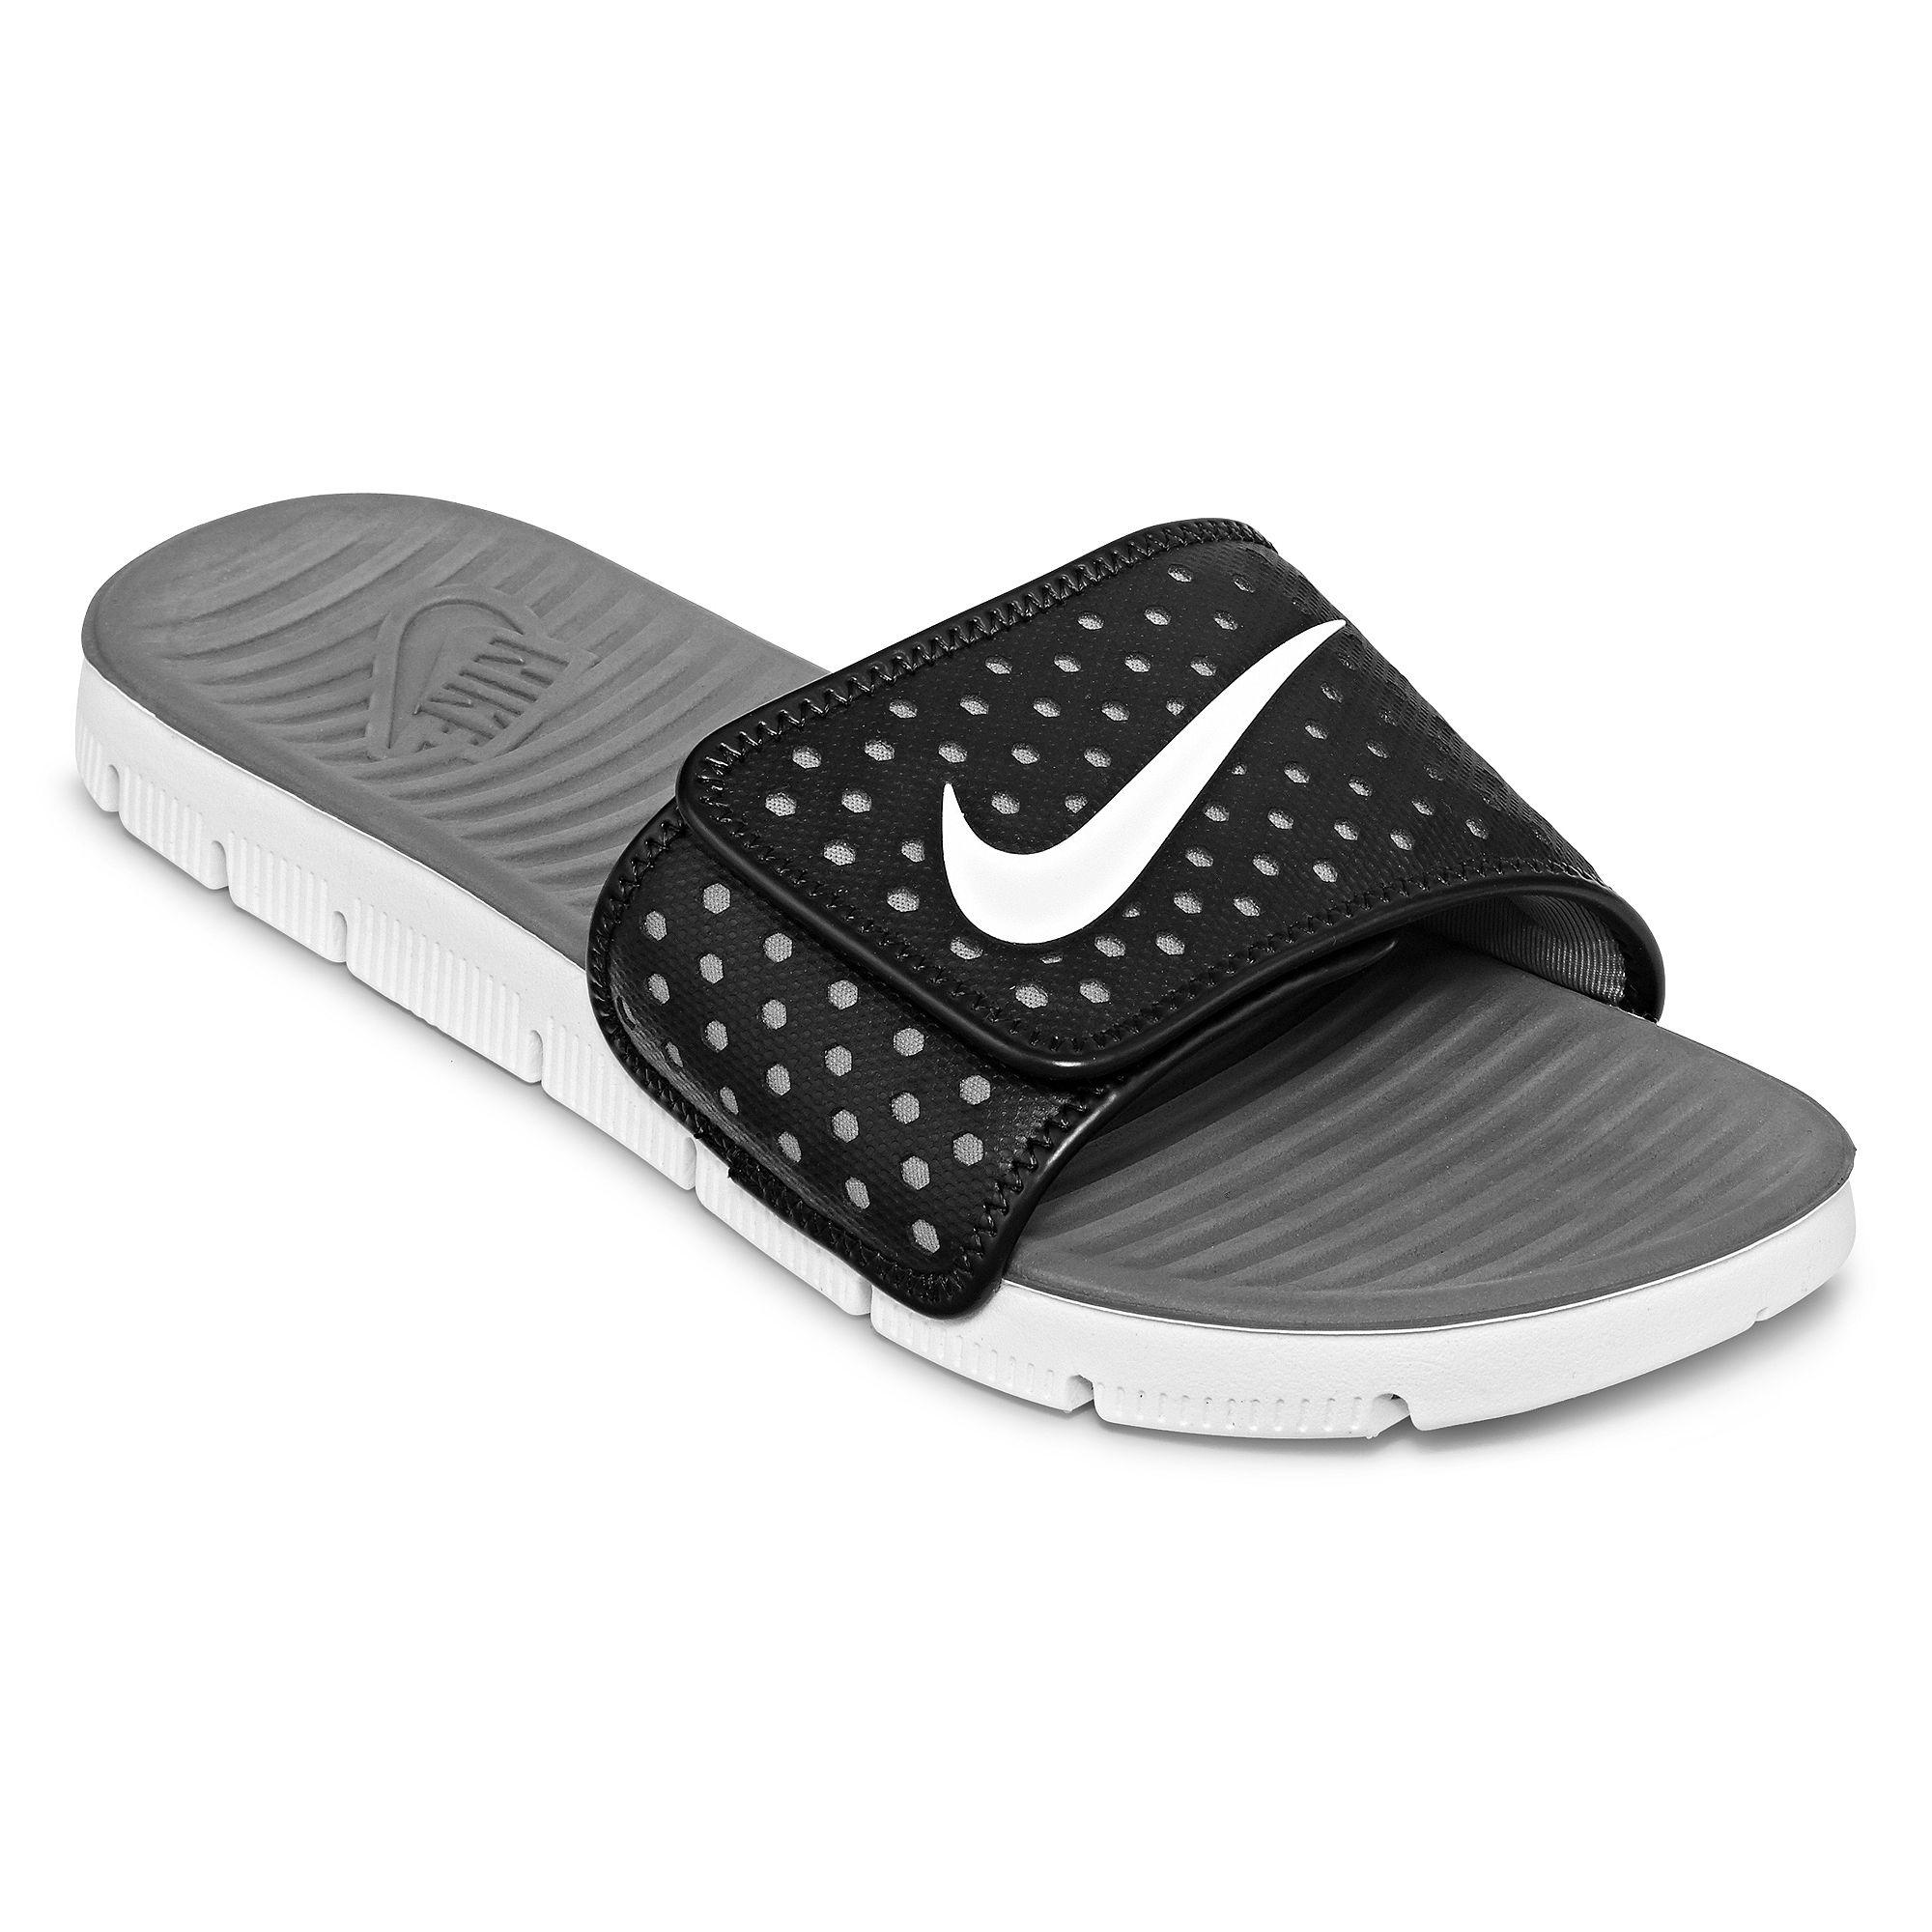 b9af0c9a77110f ... UPC 888507315014 product image for Nike Flex Motion Mens Slide Sandals